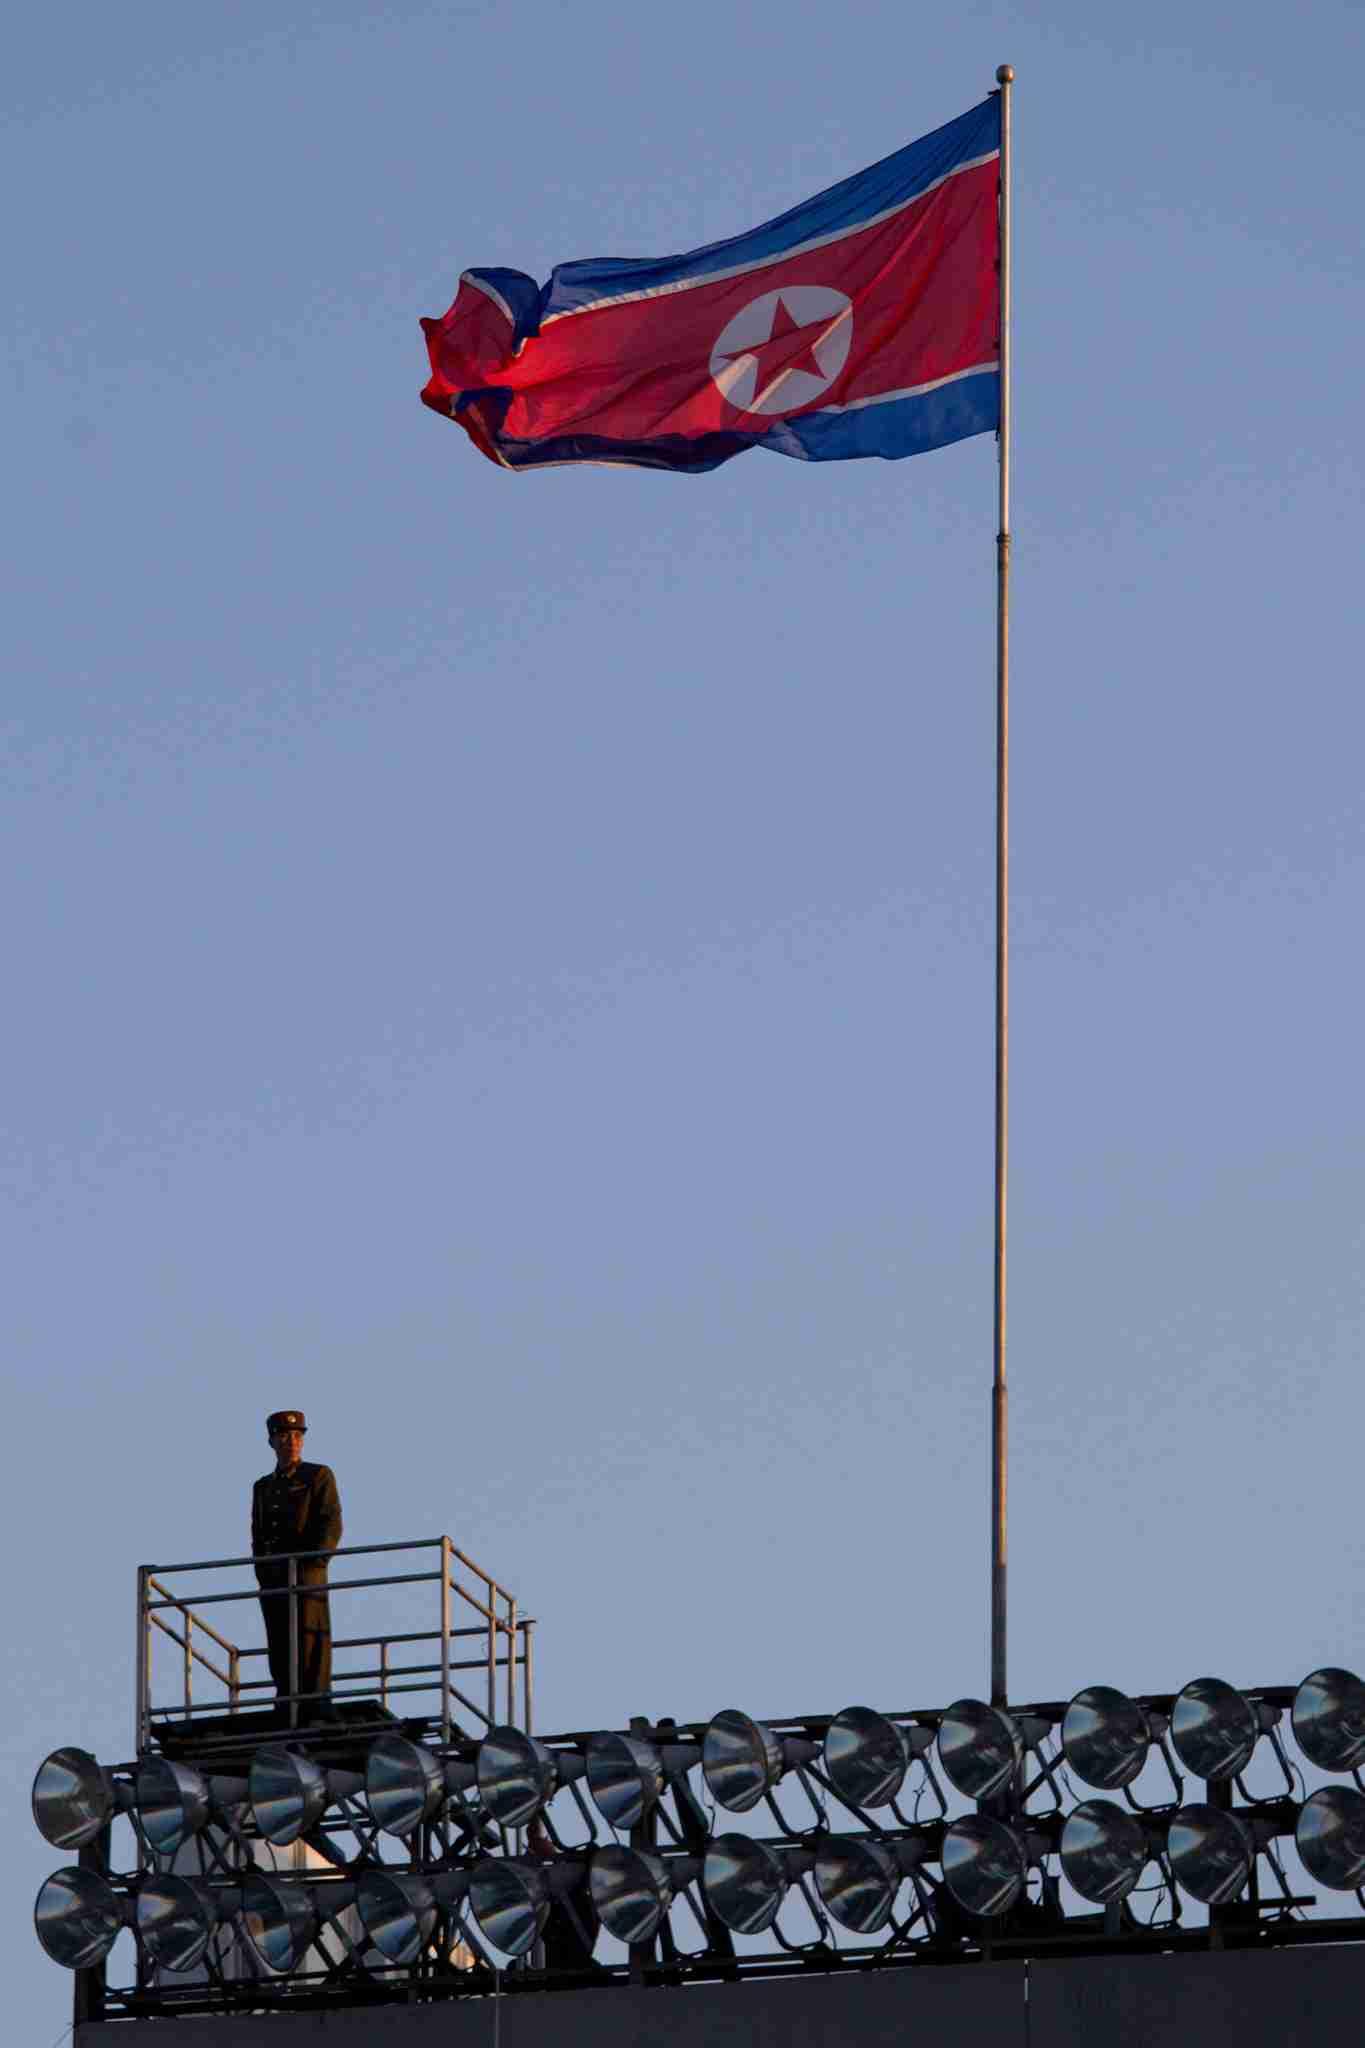 米国、自国民の北朝鮮渡航を禁止へ 来週27日から (AFP=時事) - Yahoo!ニュース